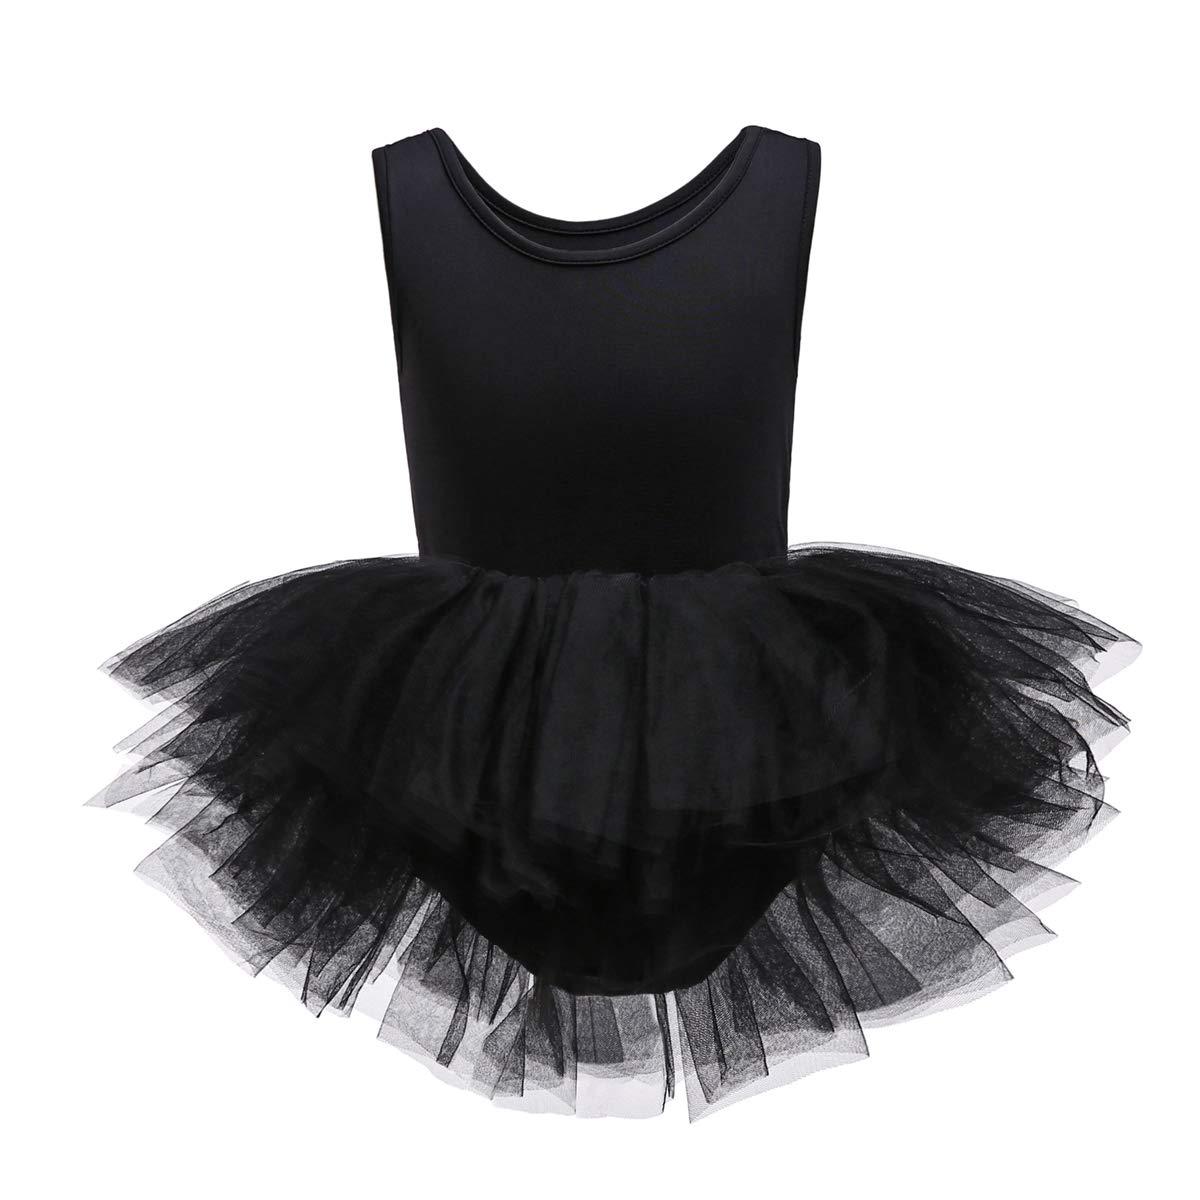 【返品交換不可】 JiaDuo ガールズ DRESS DRESS ガールズ B07G126LL5 ブラック ブラック 43654, 中古厨房機器 安吉 名古屋店:41038ae4 --- chandankanya.com